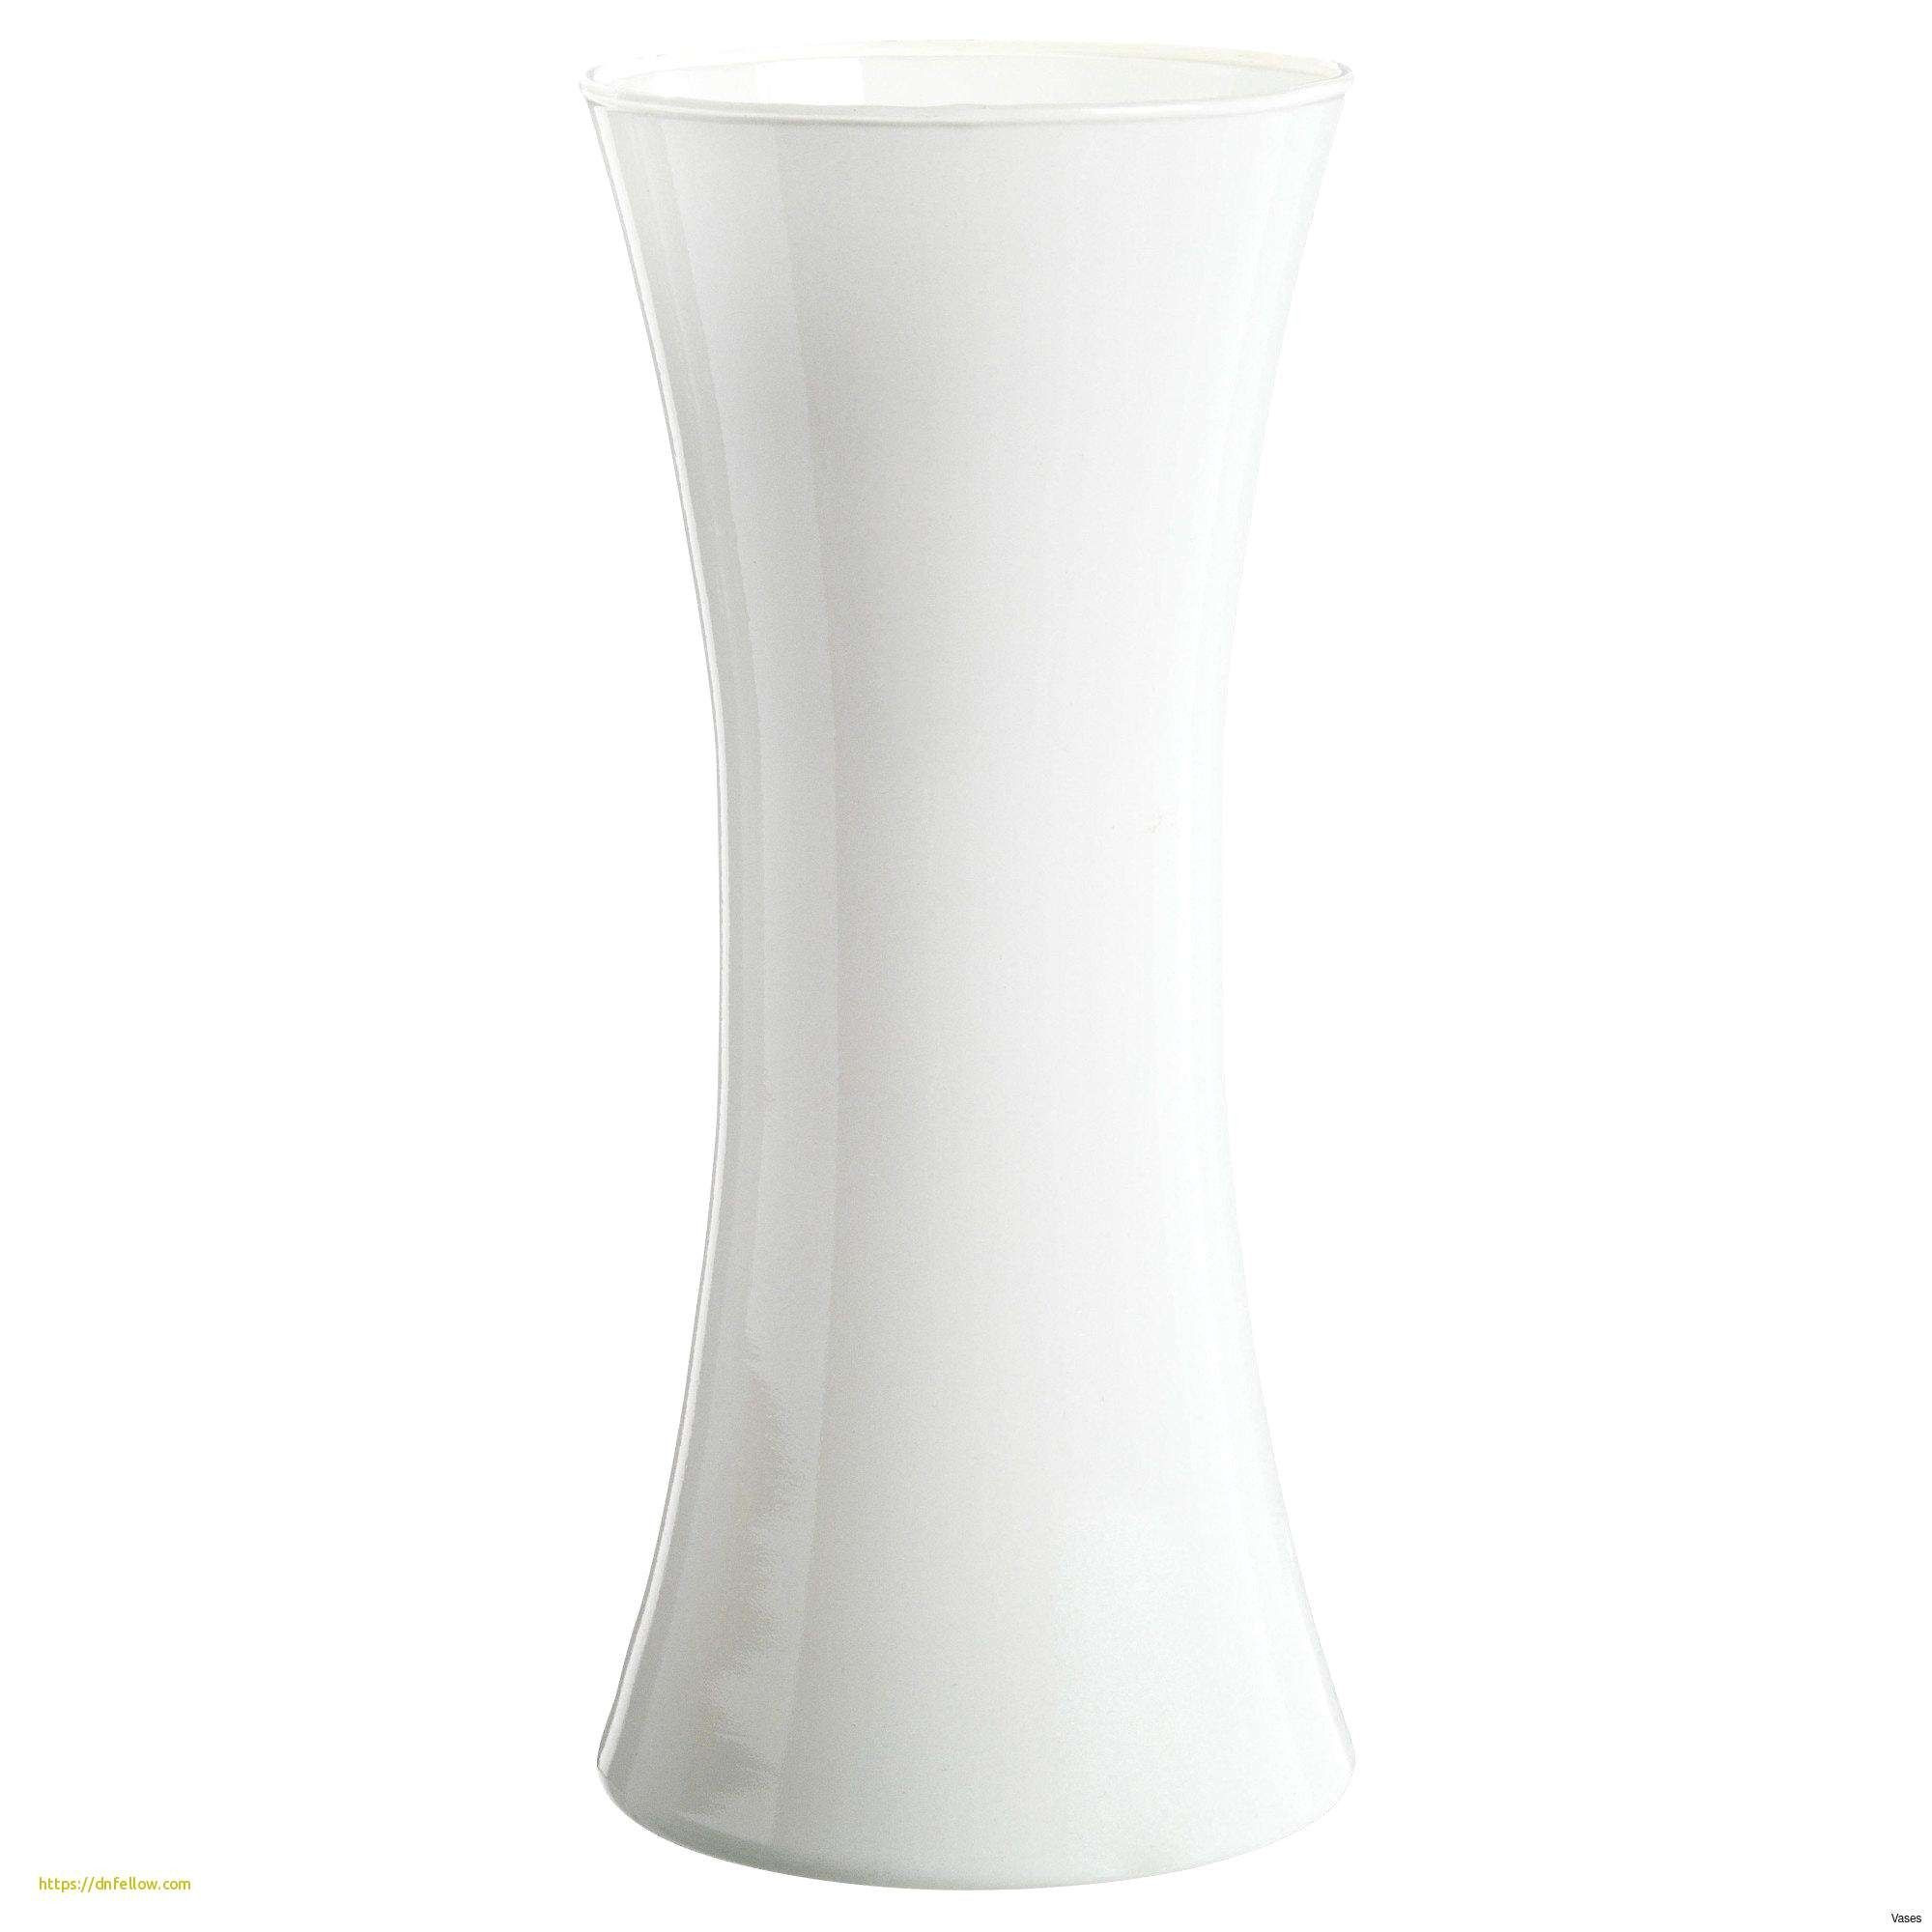 modern blue vase of white vase set new white floor vase ceramic modern 40 inchl home in white vase set new white floor vase ceramic modern 40 inchl home design ikea inch